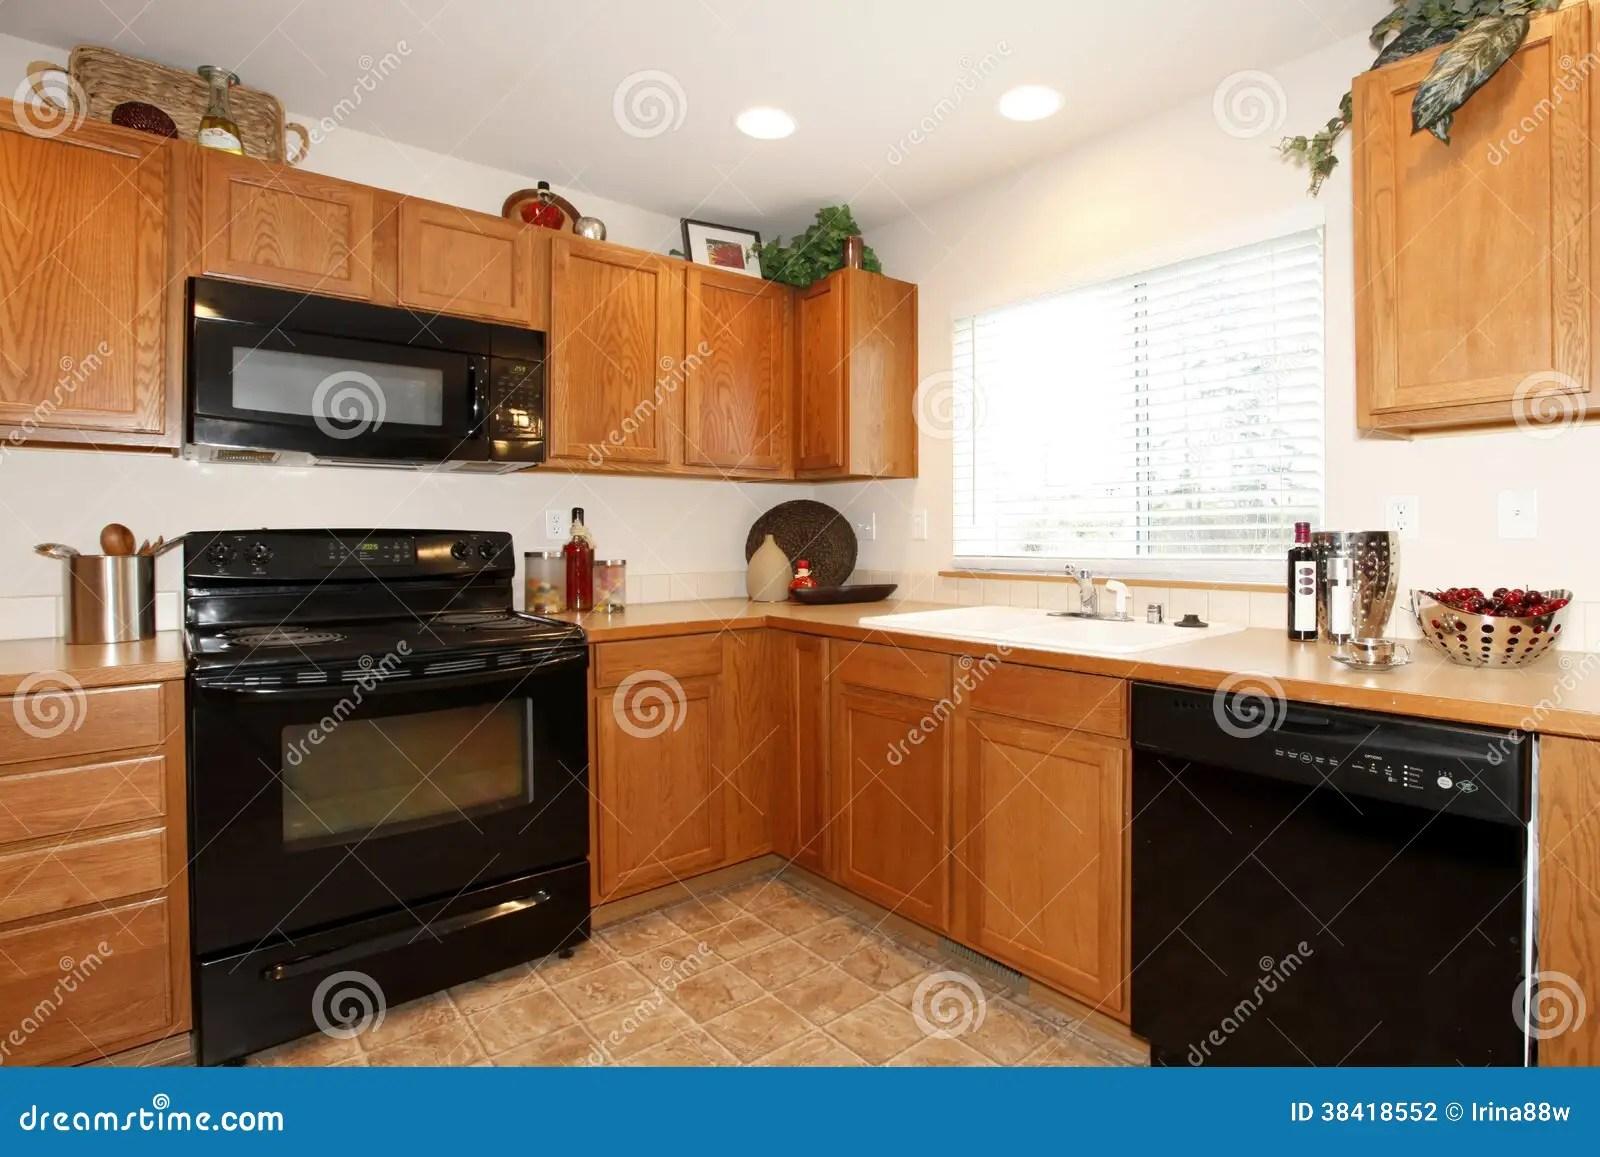 dark brown kitchen cabinets with black appliances brown kitchen cabinets Brown